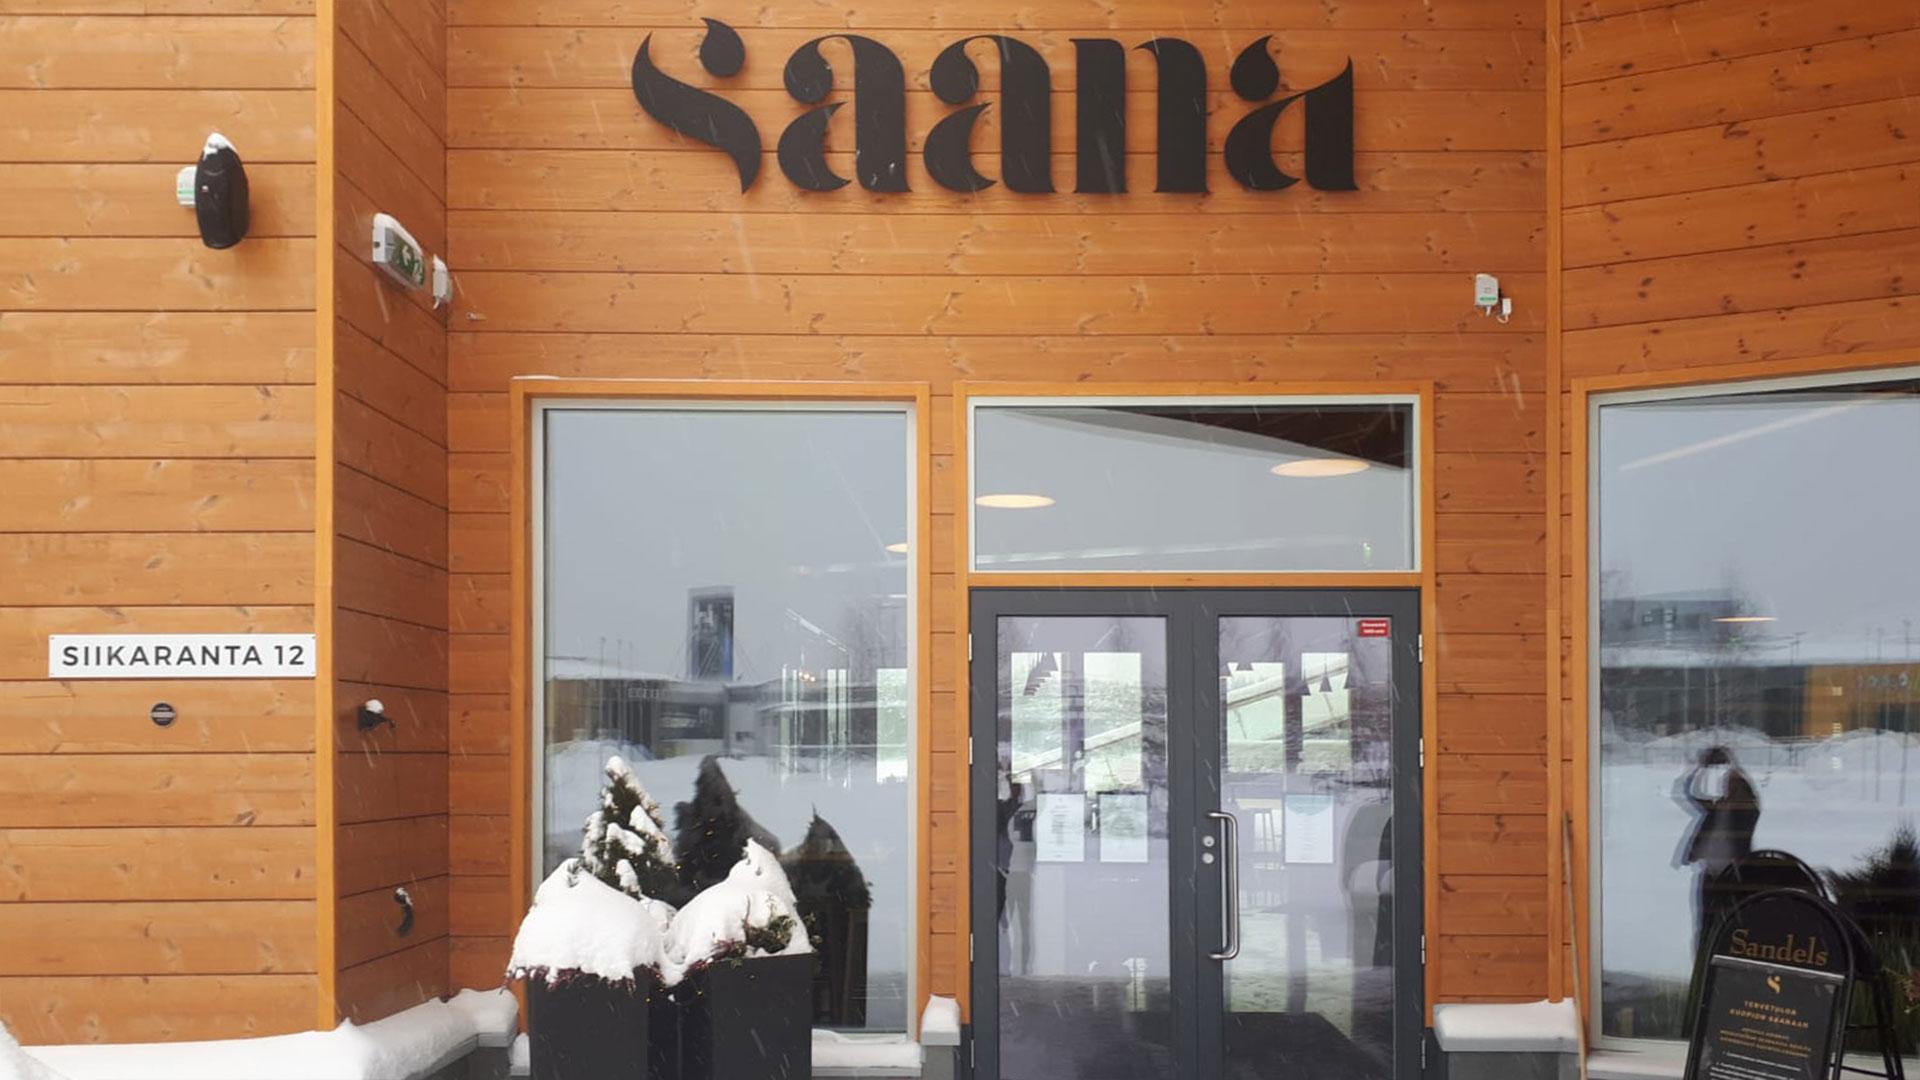 Saana, Jukka Savolainen